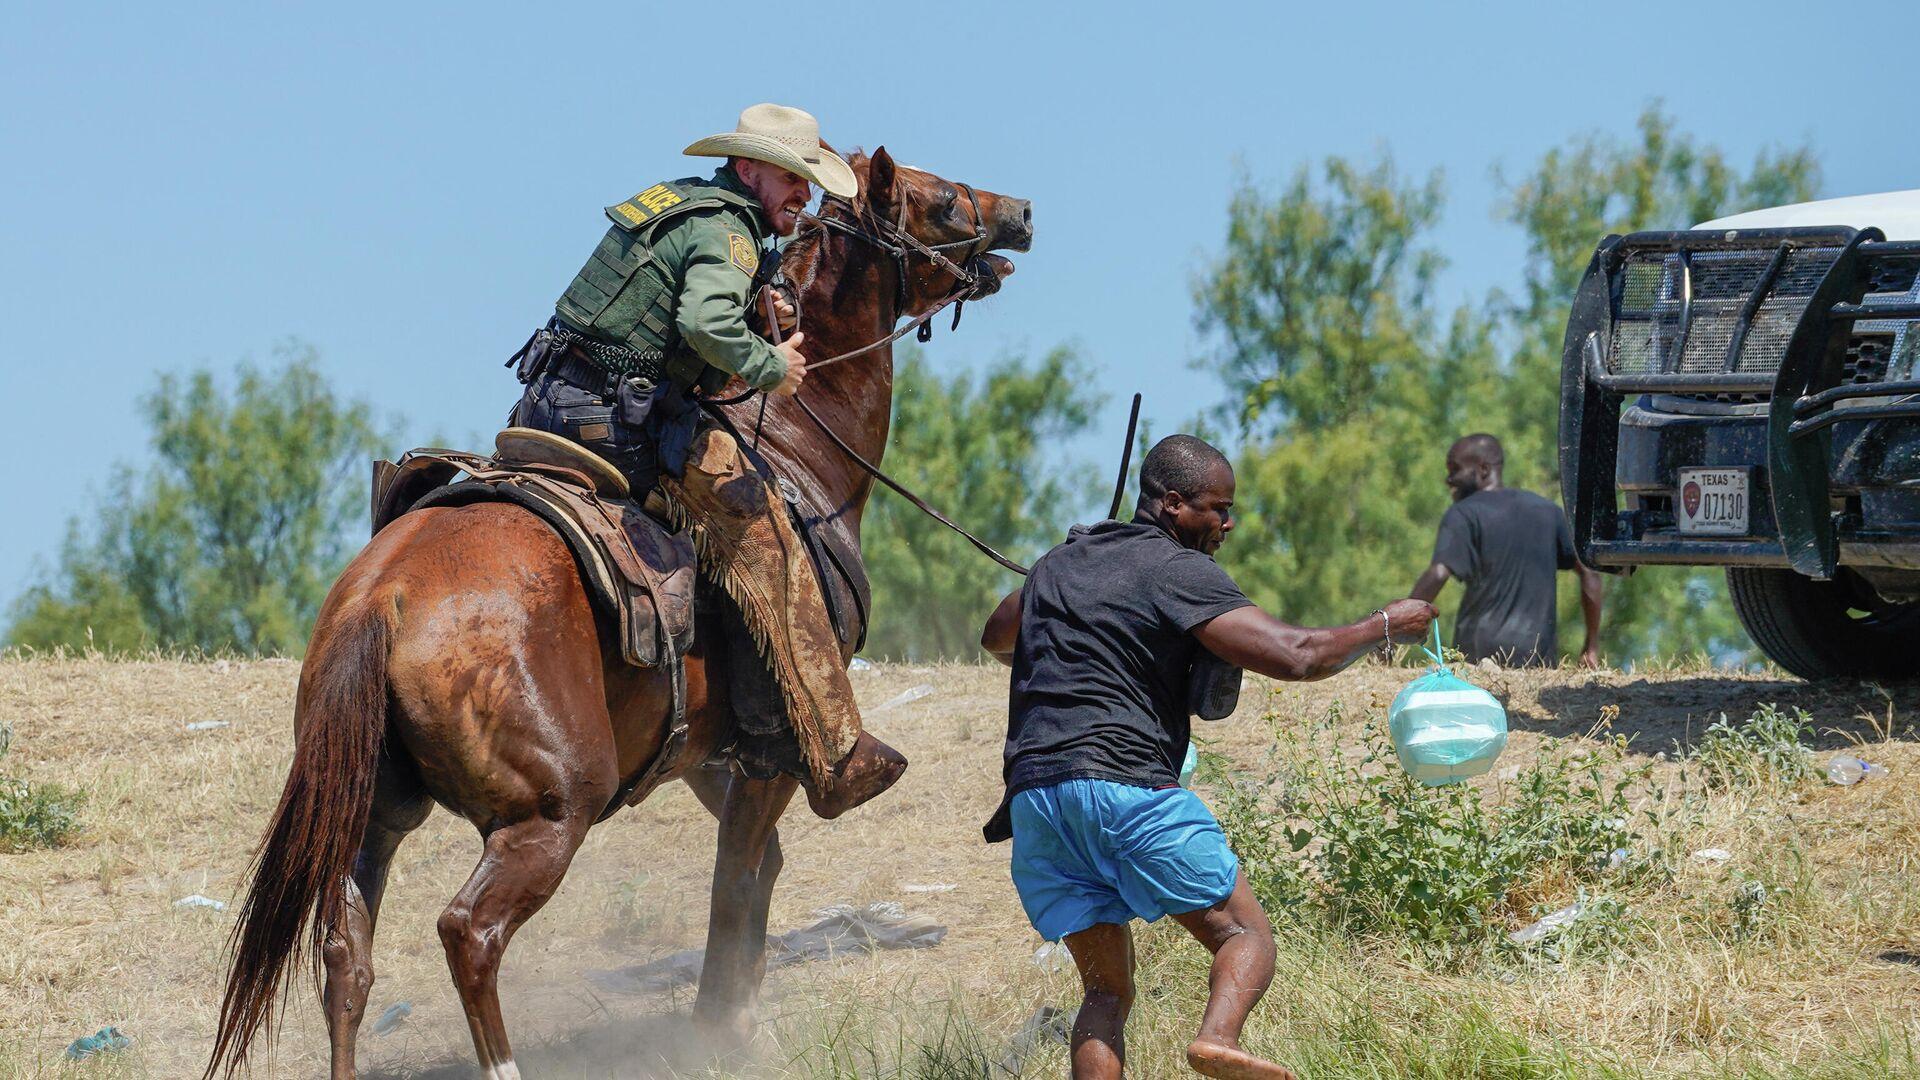 Ein US-Grenzschutzbeamter auf einem Pferd versucht, einen haitianischen Migranten am Betreten eines Lagers am Ufer des Rio Grande zu hindern. - SNA, 1920, 25.09.2021